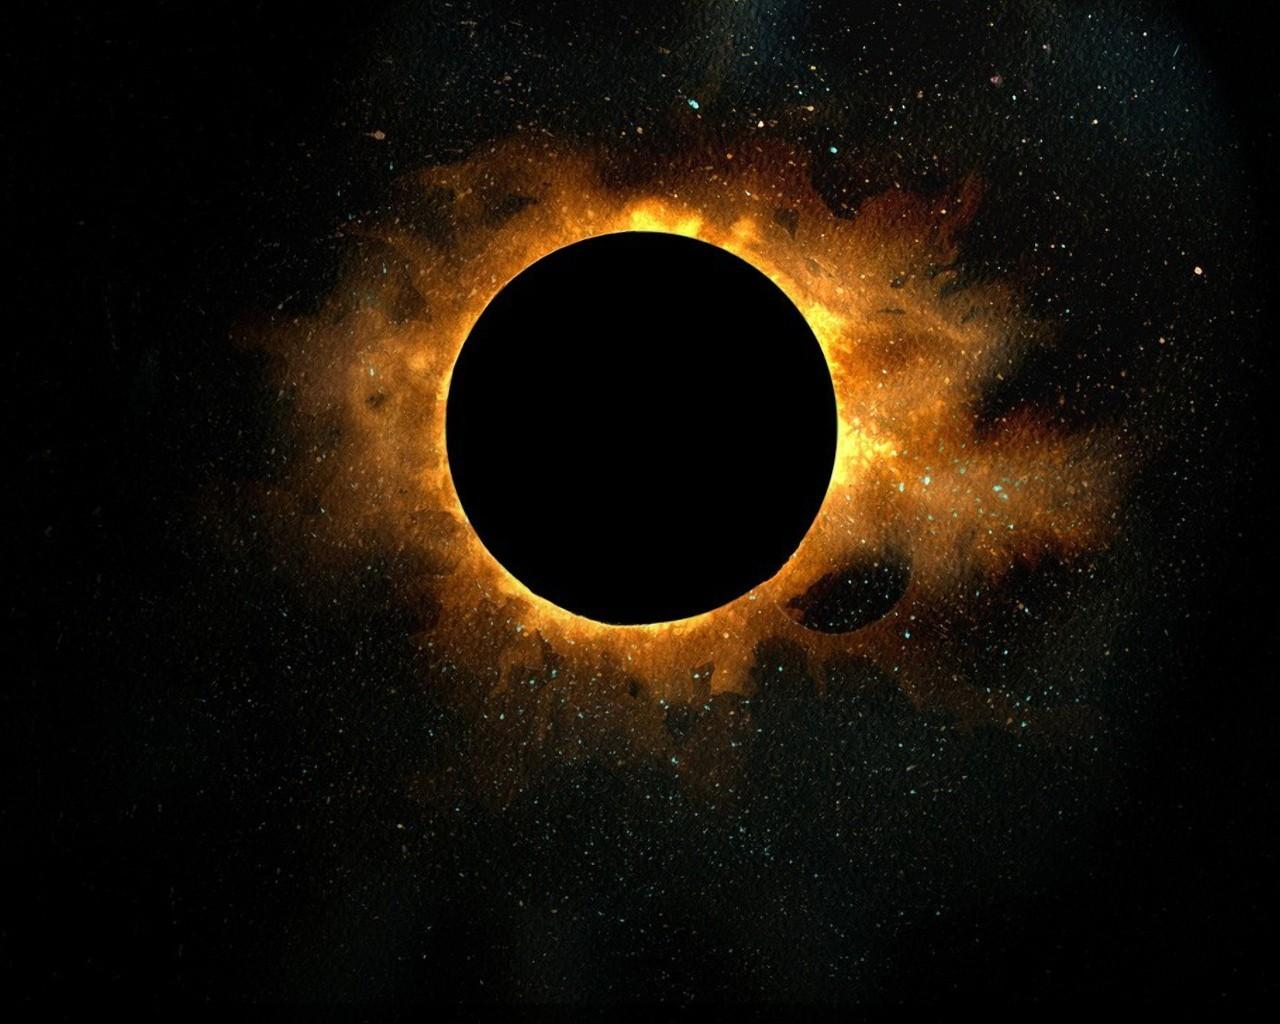 http://1.bp.blogspot.com/-X7ljLsRe4mY/TeCKuTYqpHI/AAAAAAAAAM8/evaBw8yvIQk/s1600/Eclipse%2B%2525281280x1024%252529%2BWallpaperSense.jpg